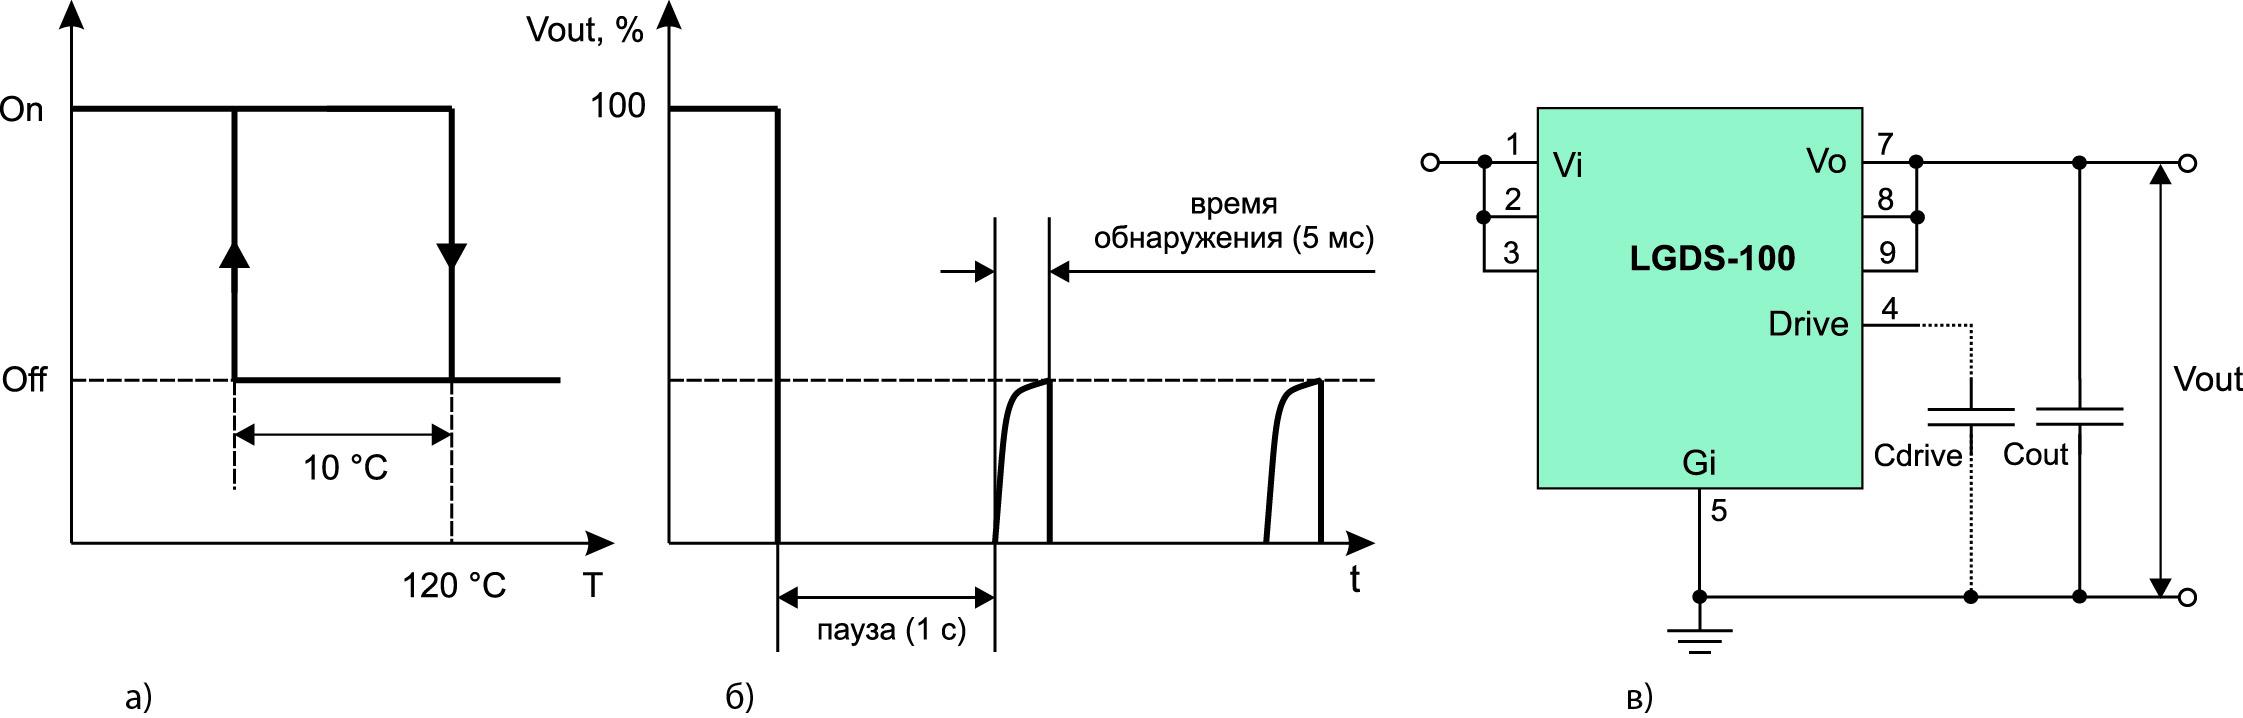 Иллюстрация работы защитных схем модуля LGDS-100: а) OTP; б) OCP; в) ICL